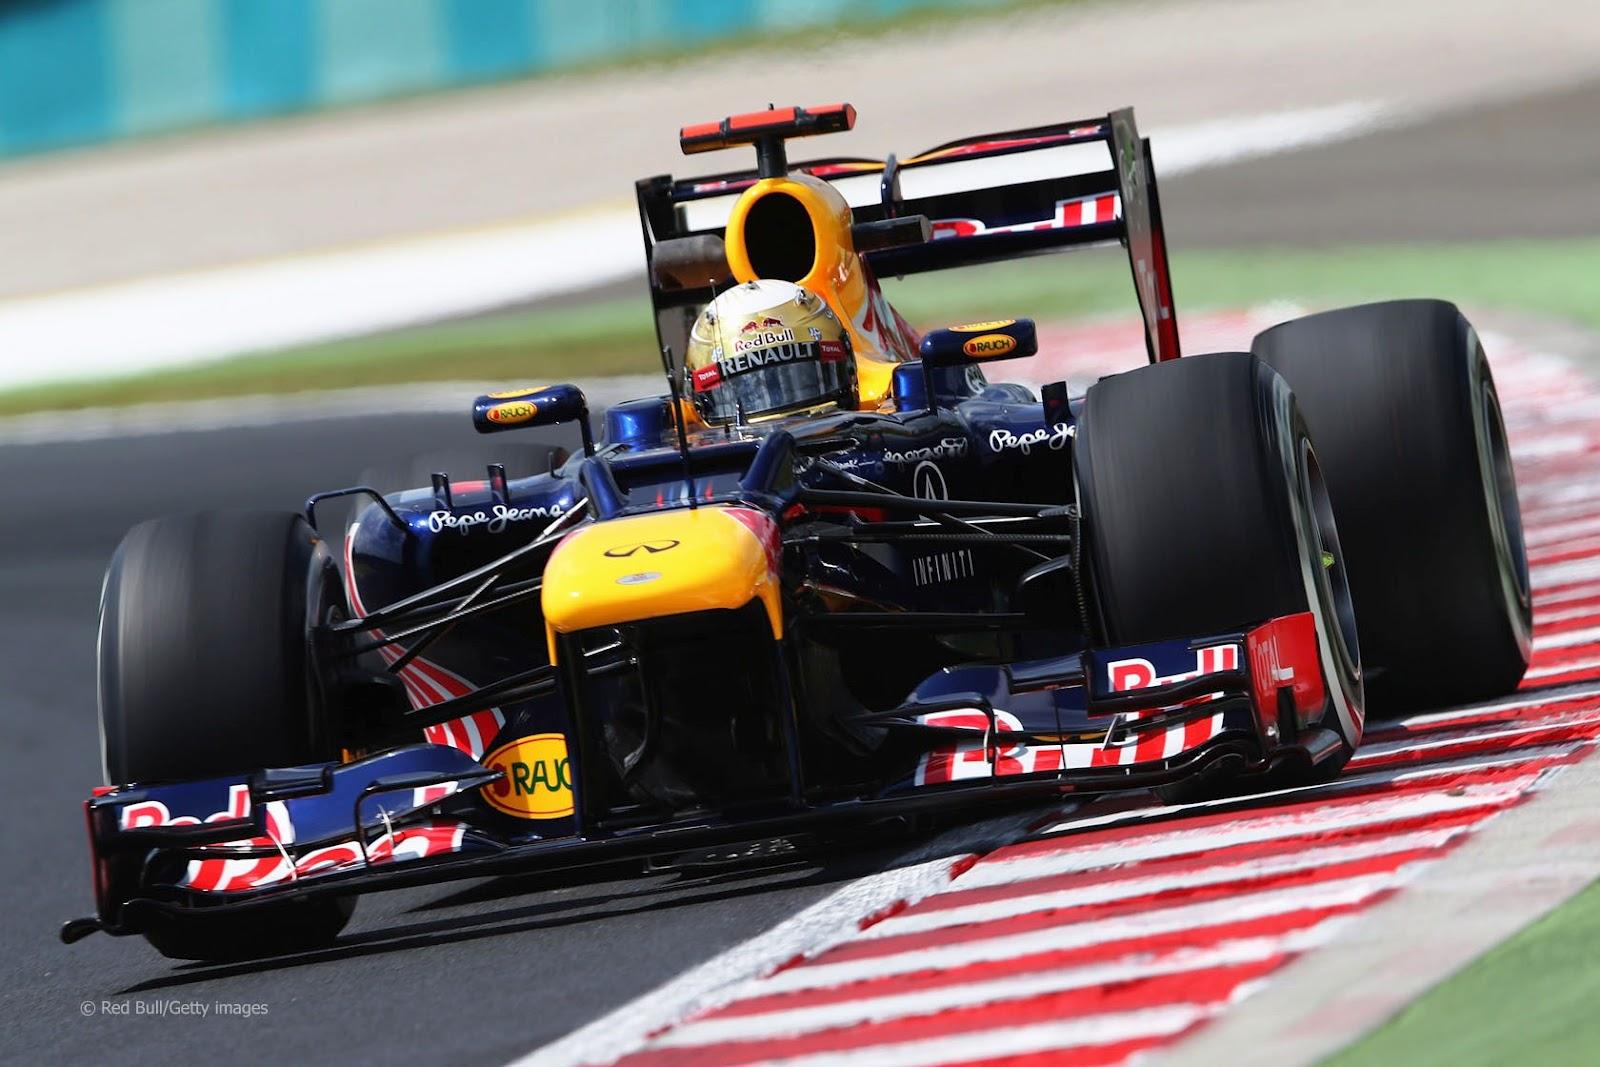 http://3.bp.blogspot.com/-5OXgNFdaOK0/UFb6d3trXwI/AAAAAAAACQg/sA-hyAgjDW4/s1600/Redbull+Vettel+Hungary-2012.jpg